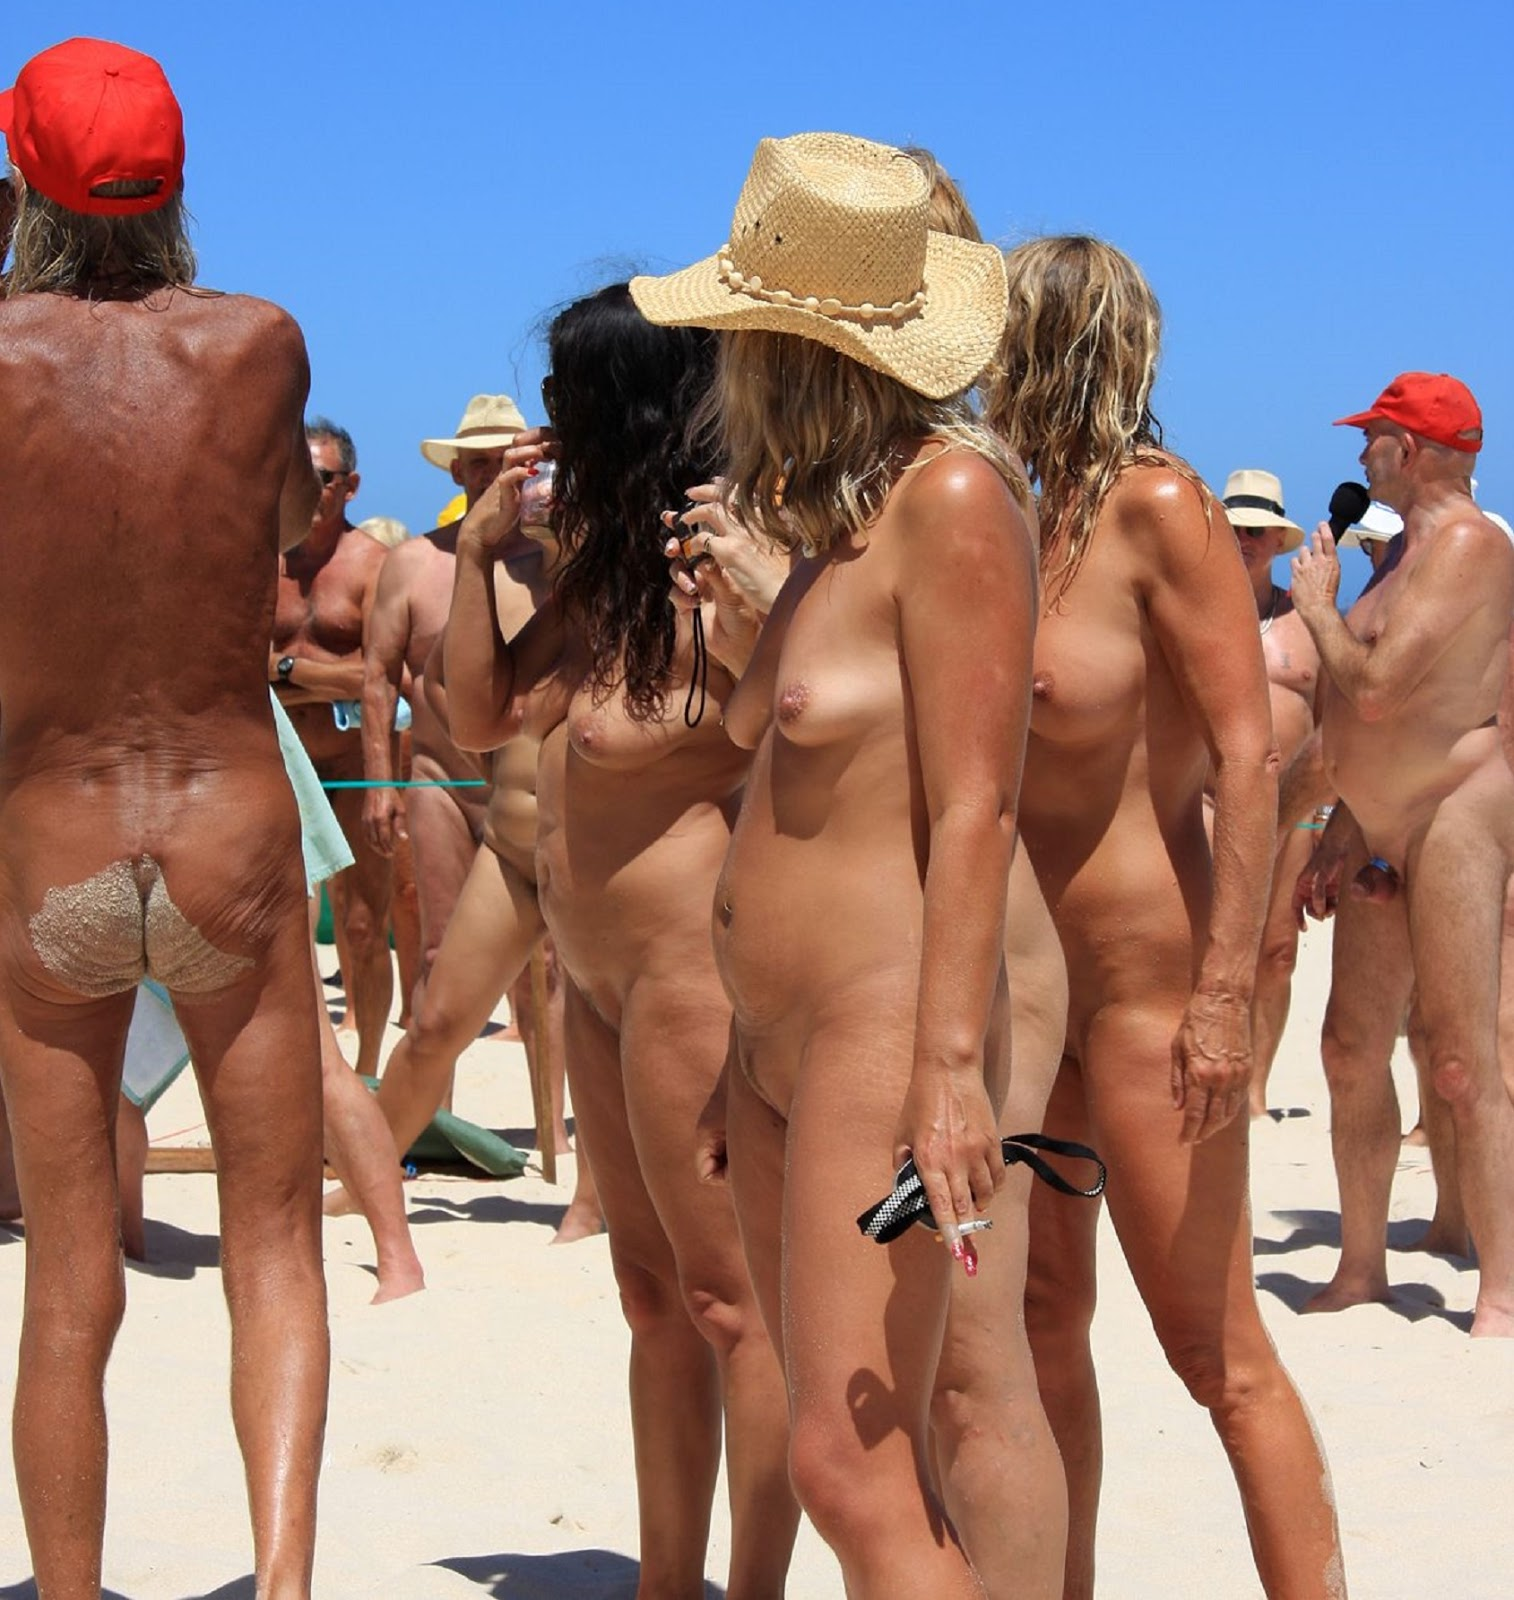 Voyeur beach nudism